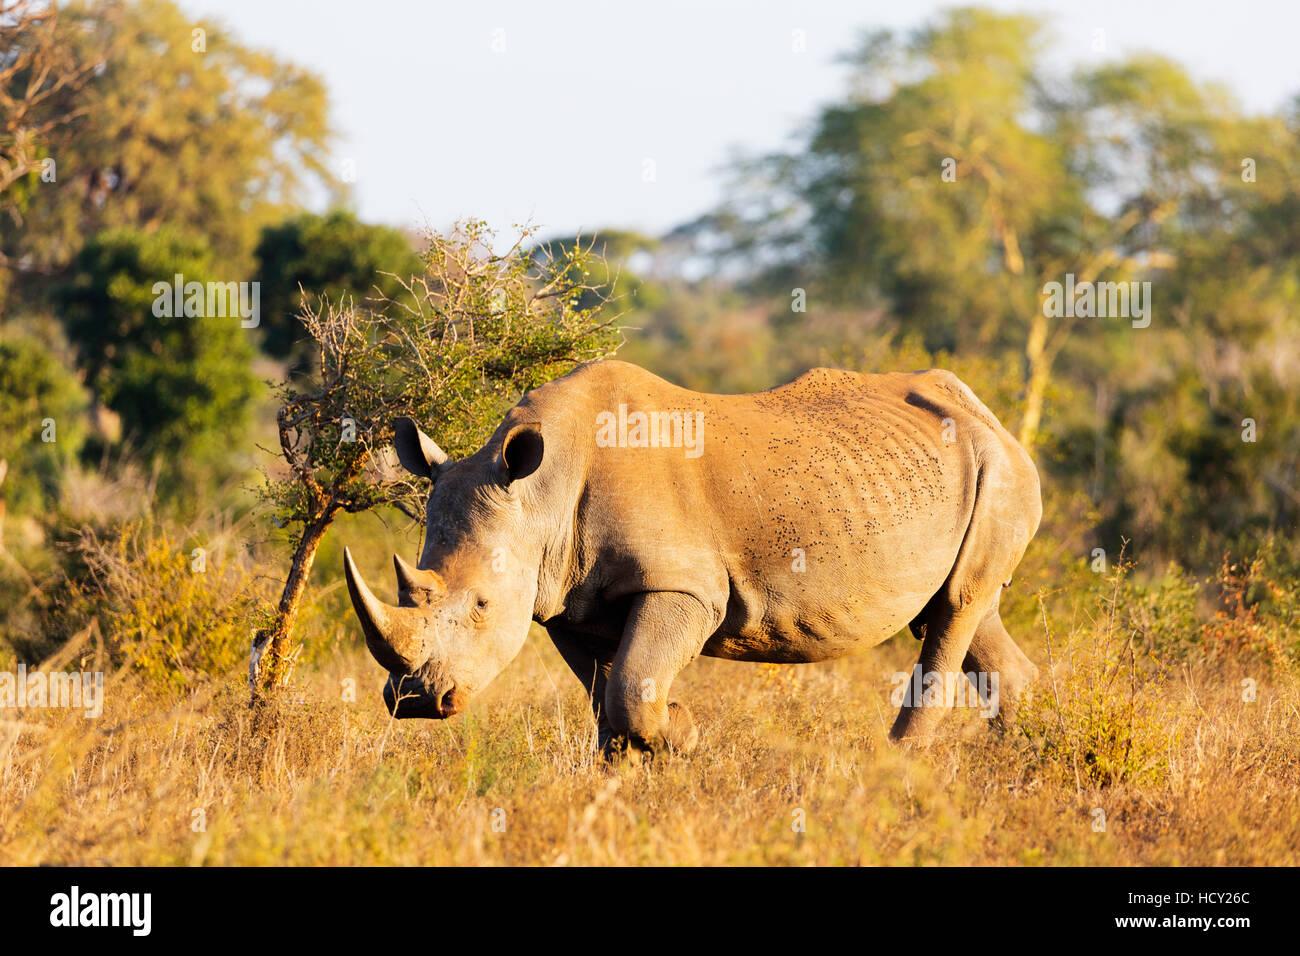 Le rhinocéros blanc (Ceratotherium simum), Kruger National Park, Afrique du Sud, l'Afrique Photo Stock